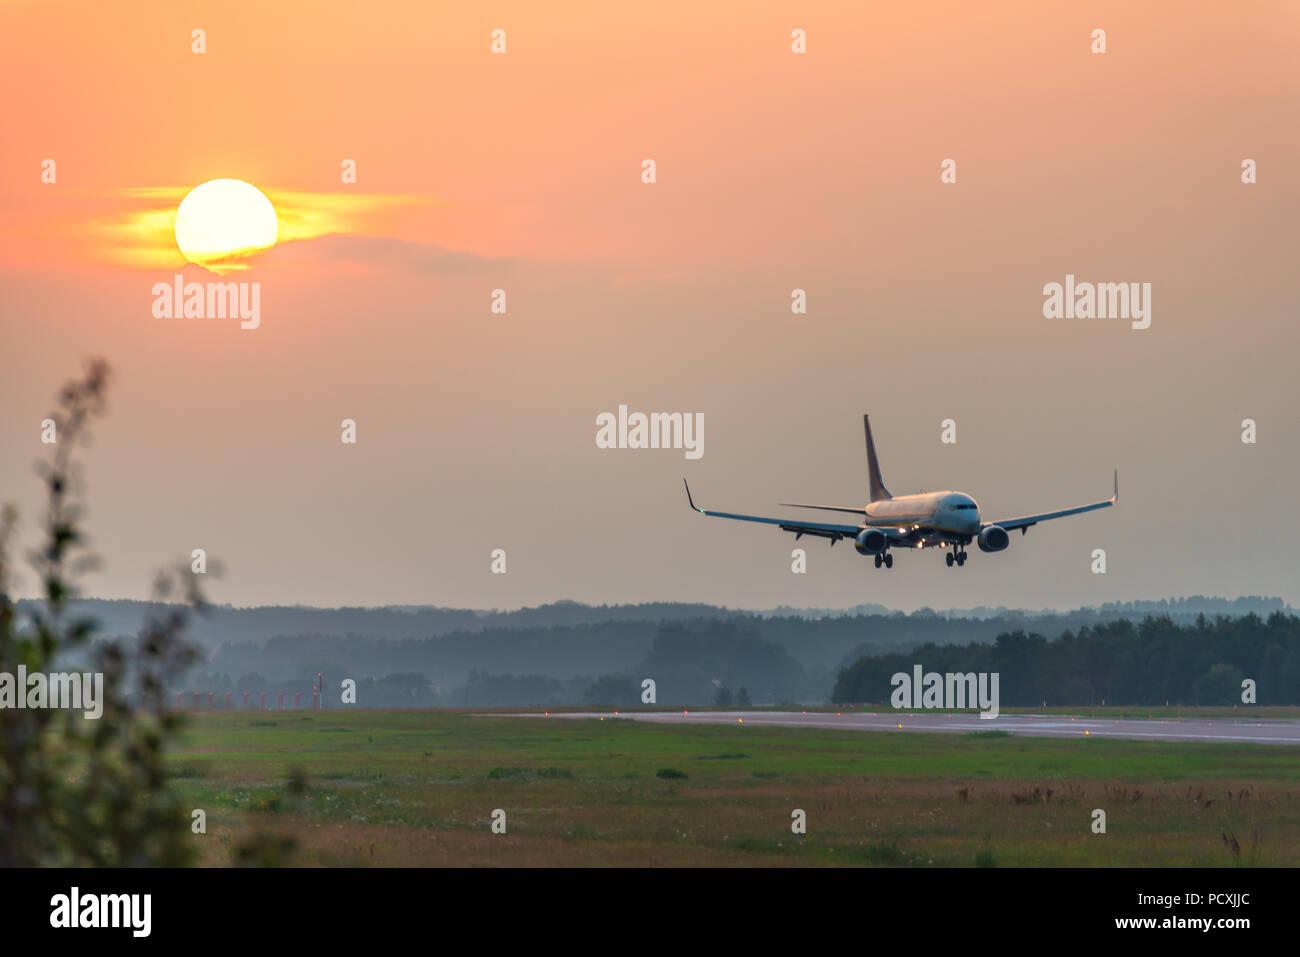 Un piano si avvicina all'aeroporto durante il tramonto. Immagini Stock